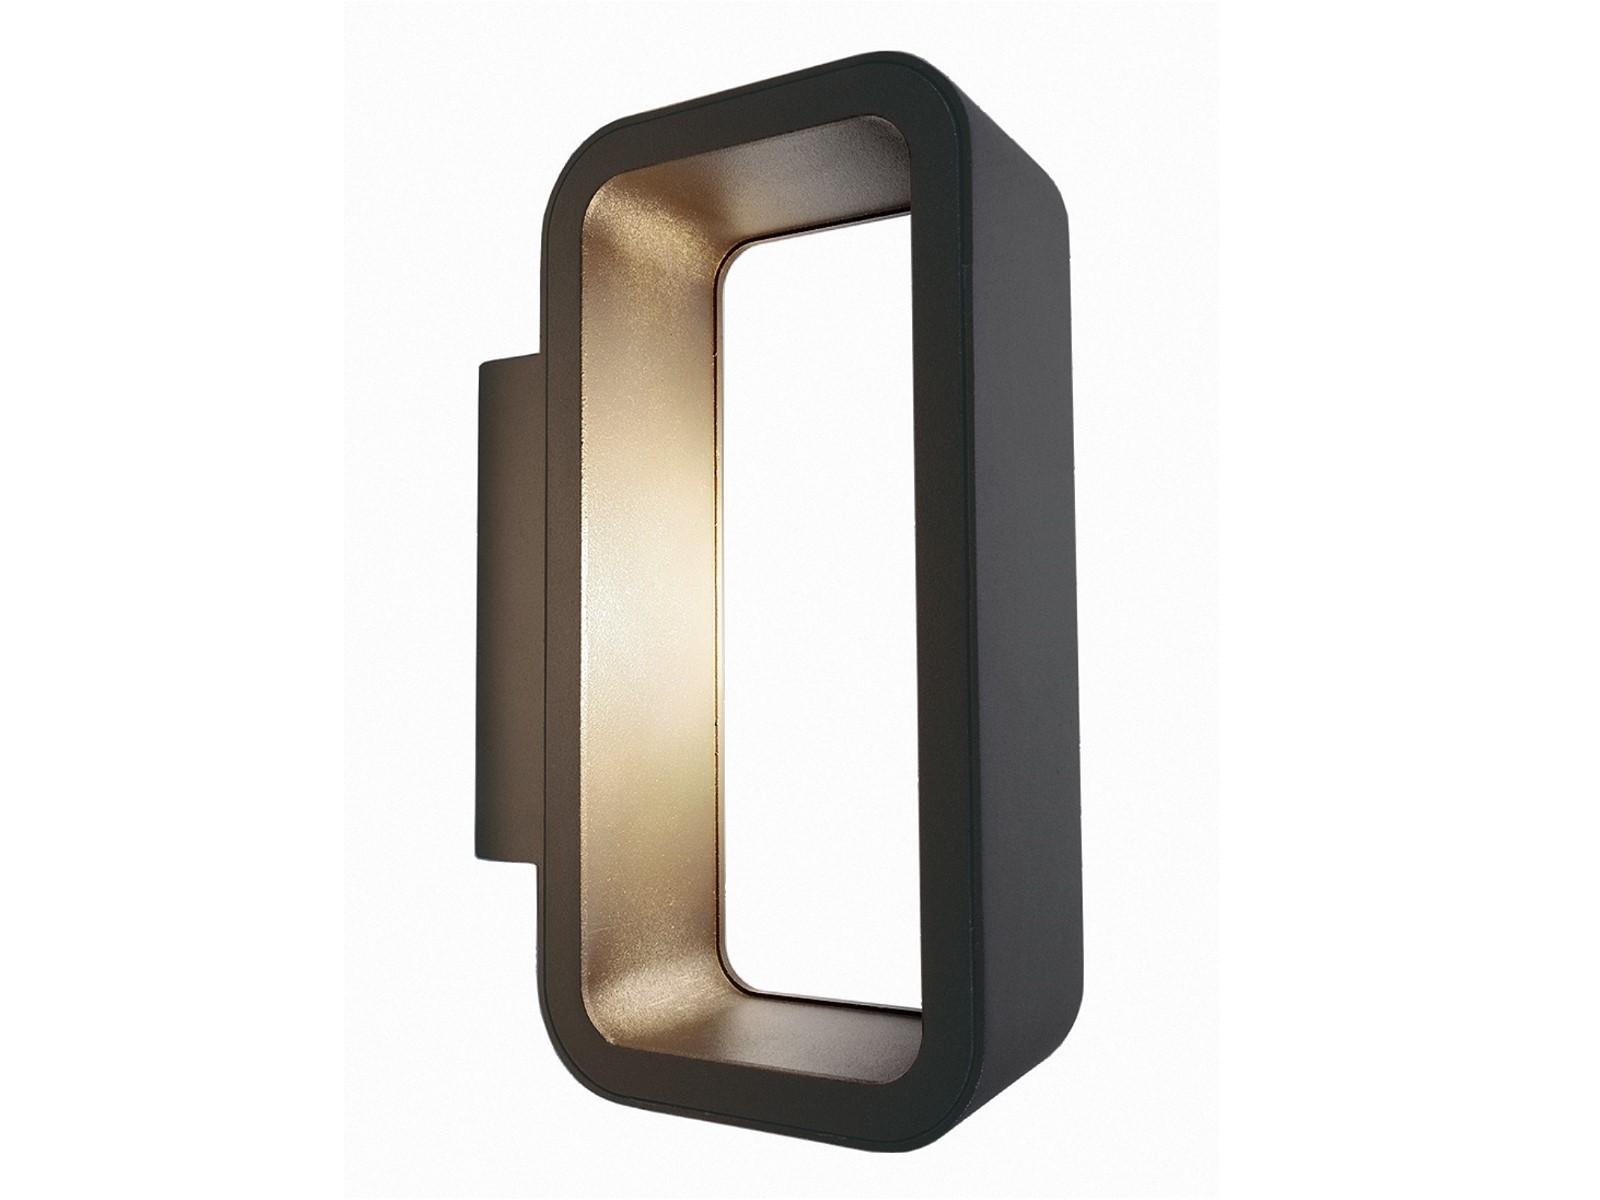 led au enleuchte wandleuchte anado in anthrazit mit 9w led warm wei 230v ip54. Black Bedroom Furniture Sets. Home Design Ideas